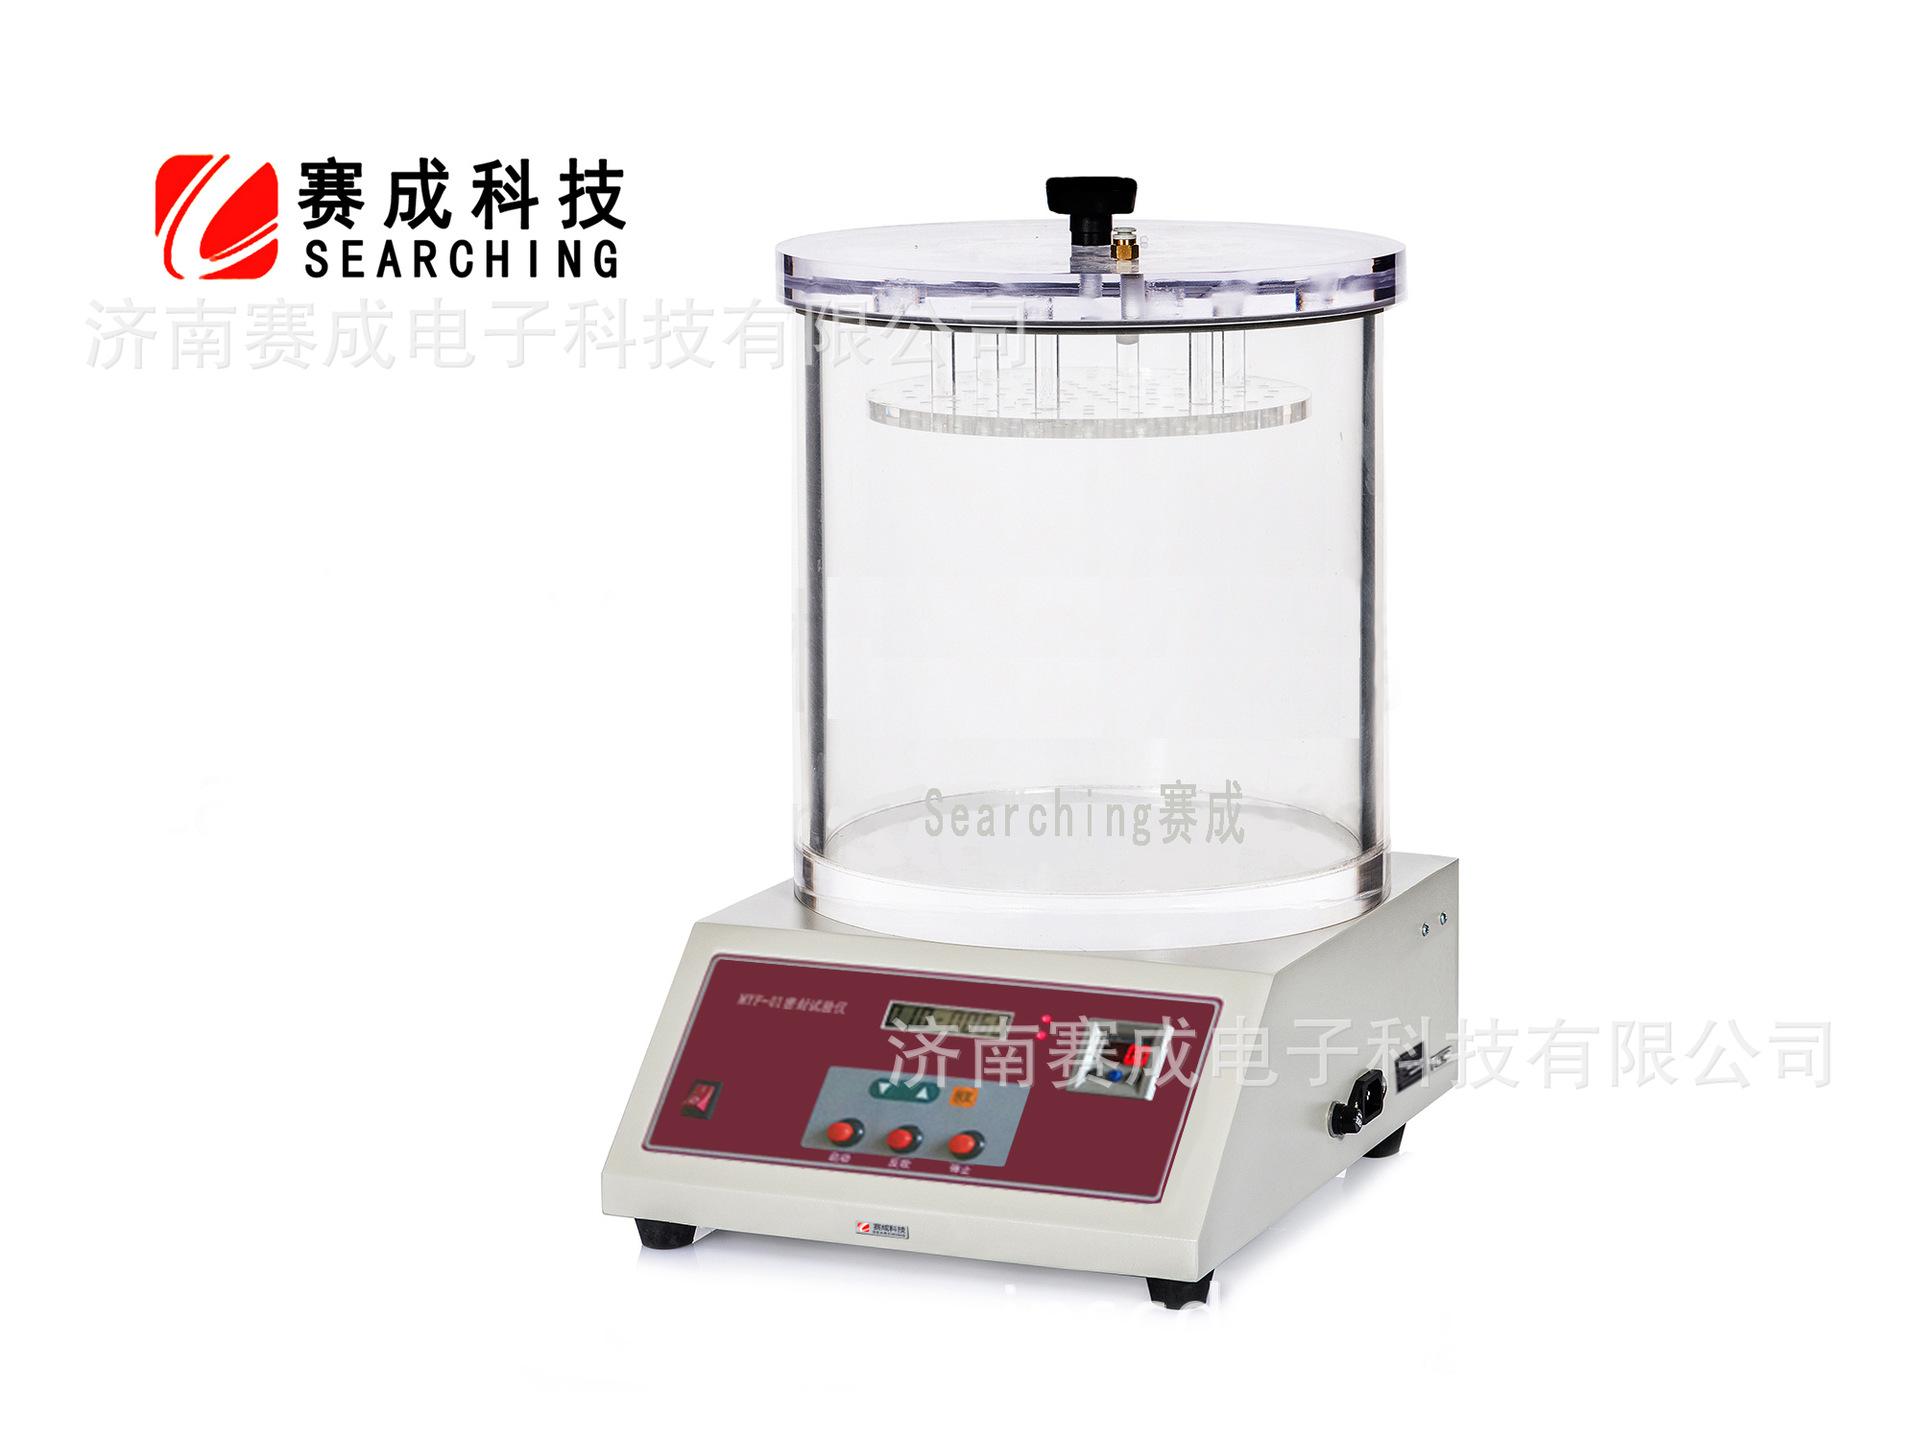 密封测试仪 包装袋检漏仪 塑料瓶测漏仪